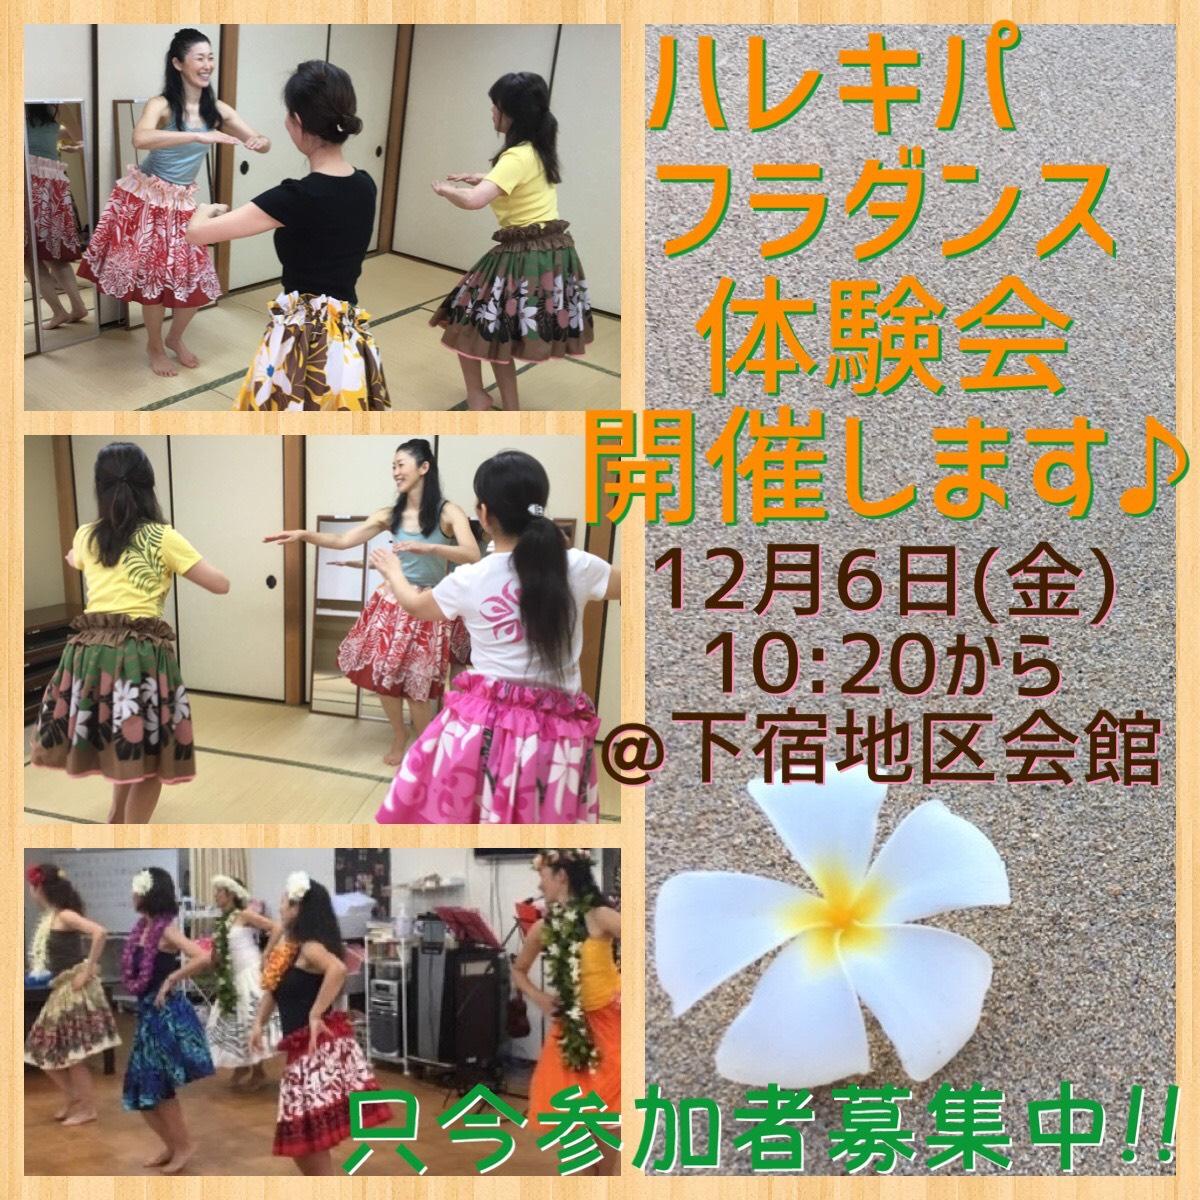 【西東京市田無・教室】フラダンス体験会♪